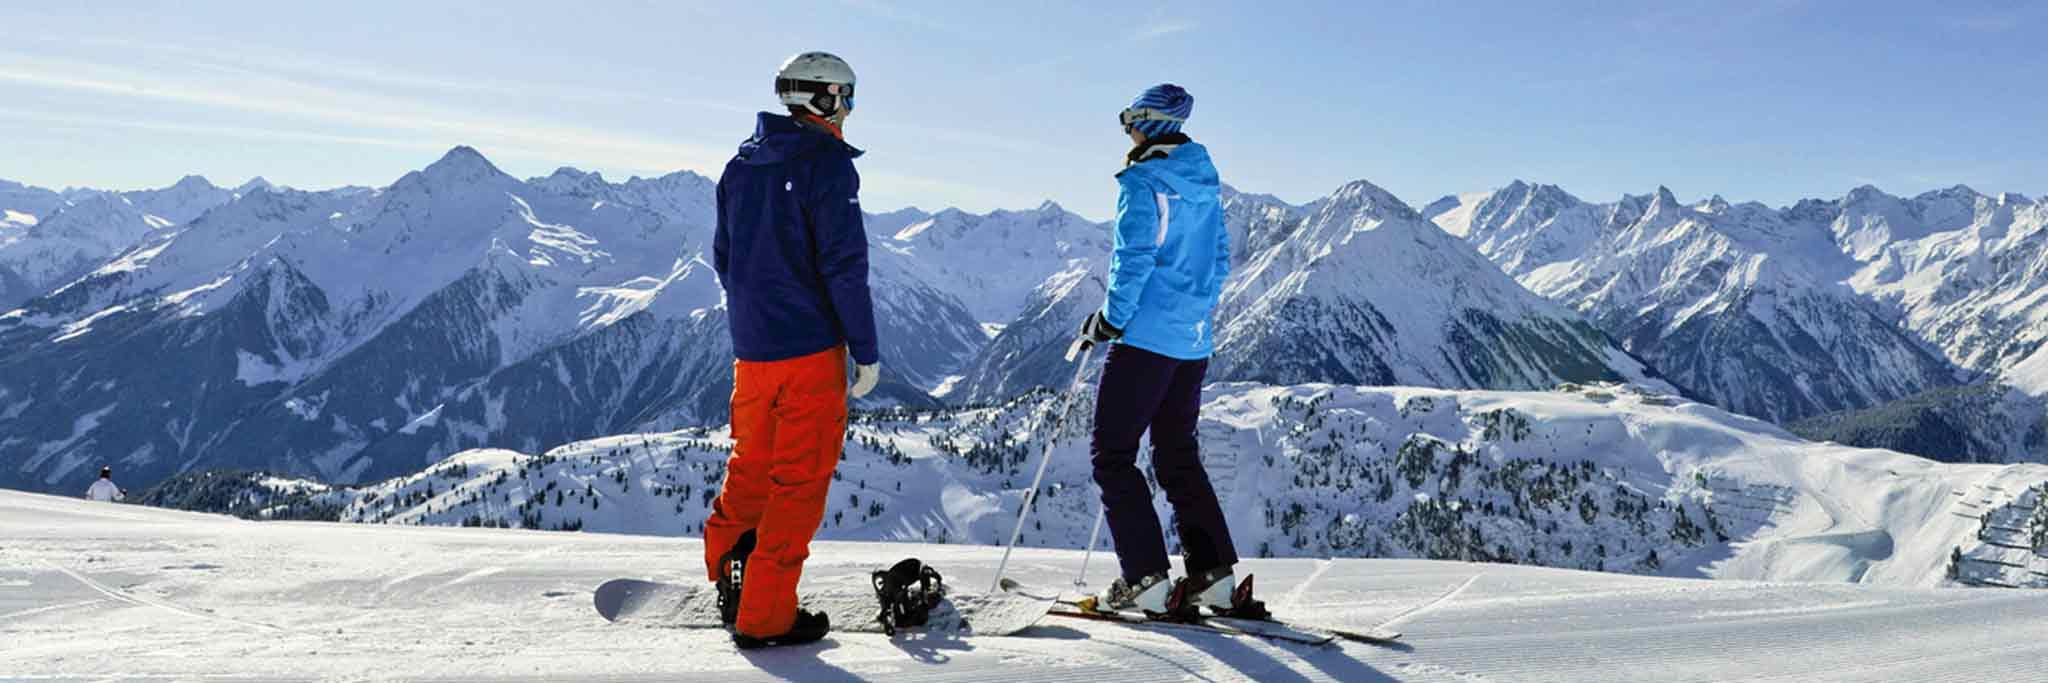 ski-snowboard-kak-da-se-nauchim